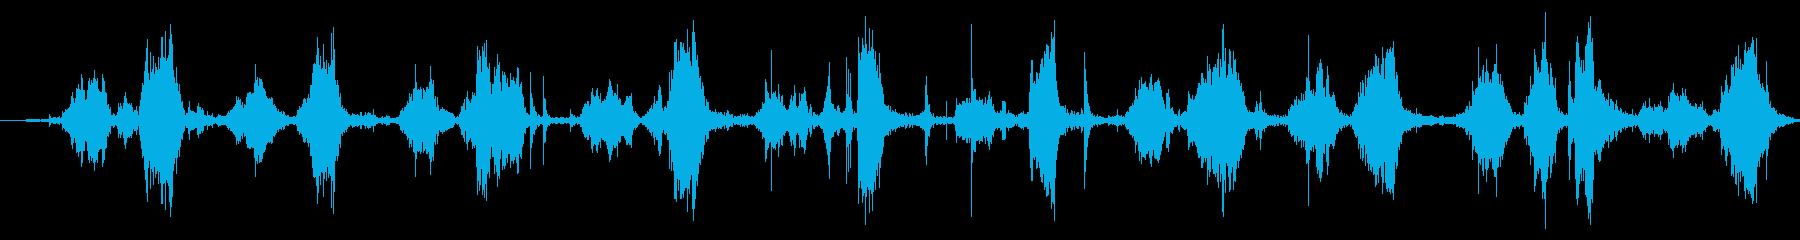 ニンジン:グレーティングを閉じるの再生済みの波形